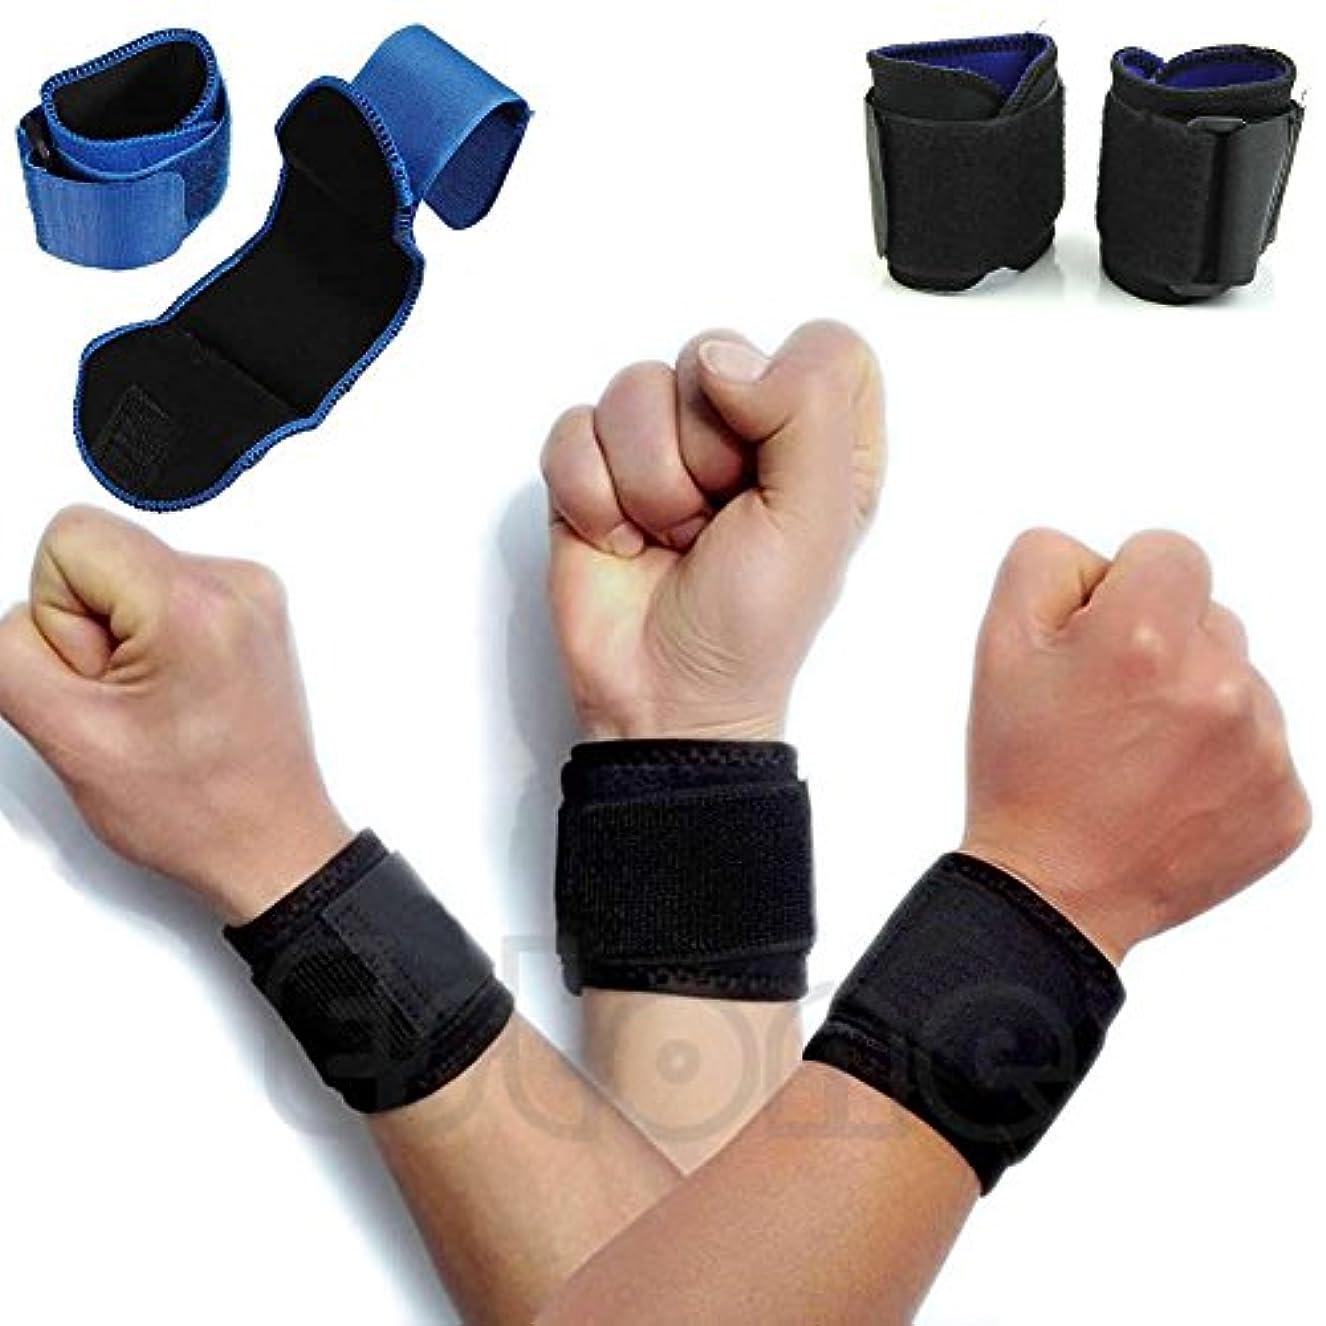 きょうだいドラム牧草地新 調節可 スポーツ用 手首 巻き付け 包帯 ジム支援 締付手首バンド 1カップル